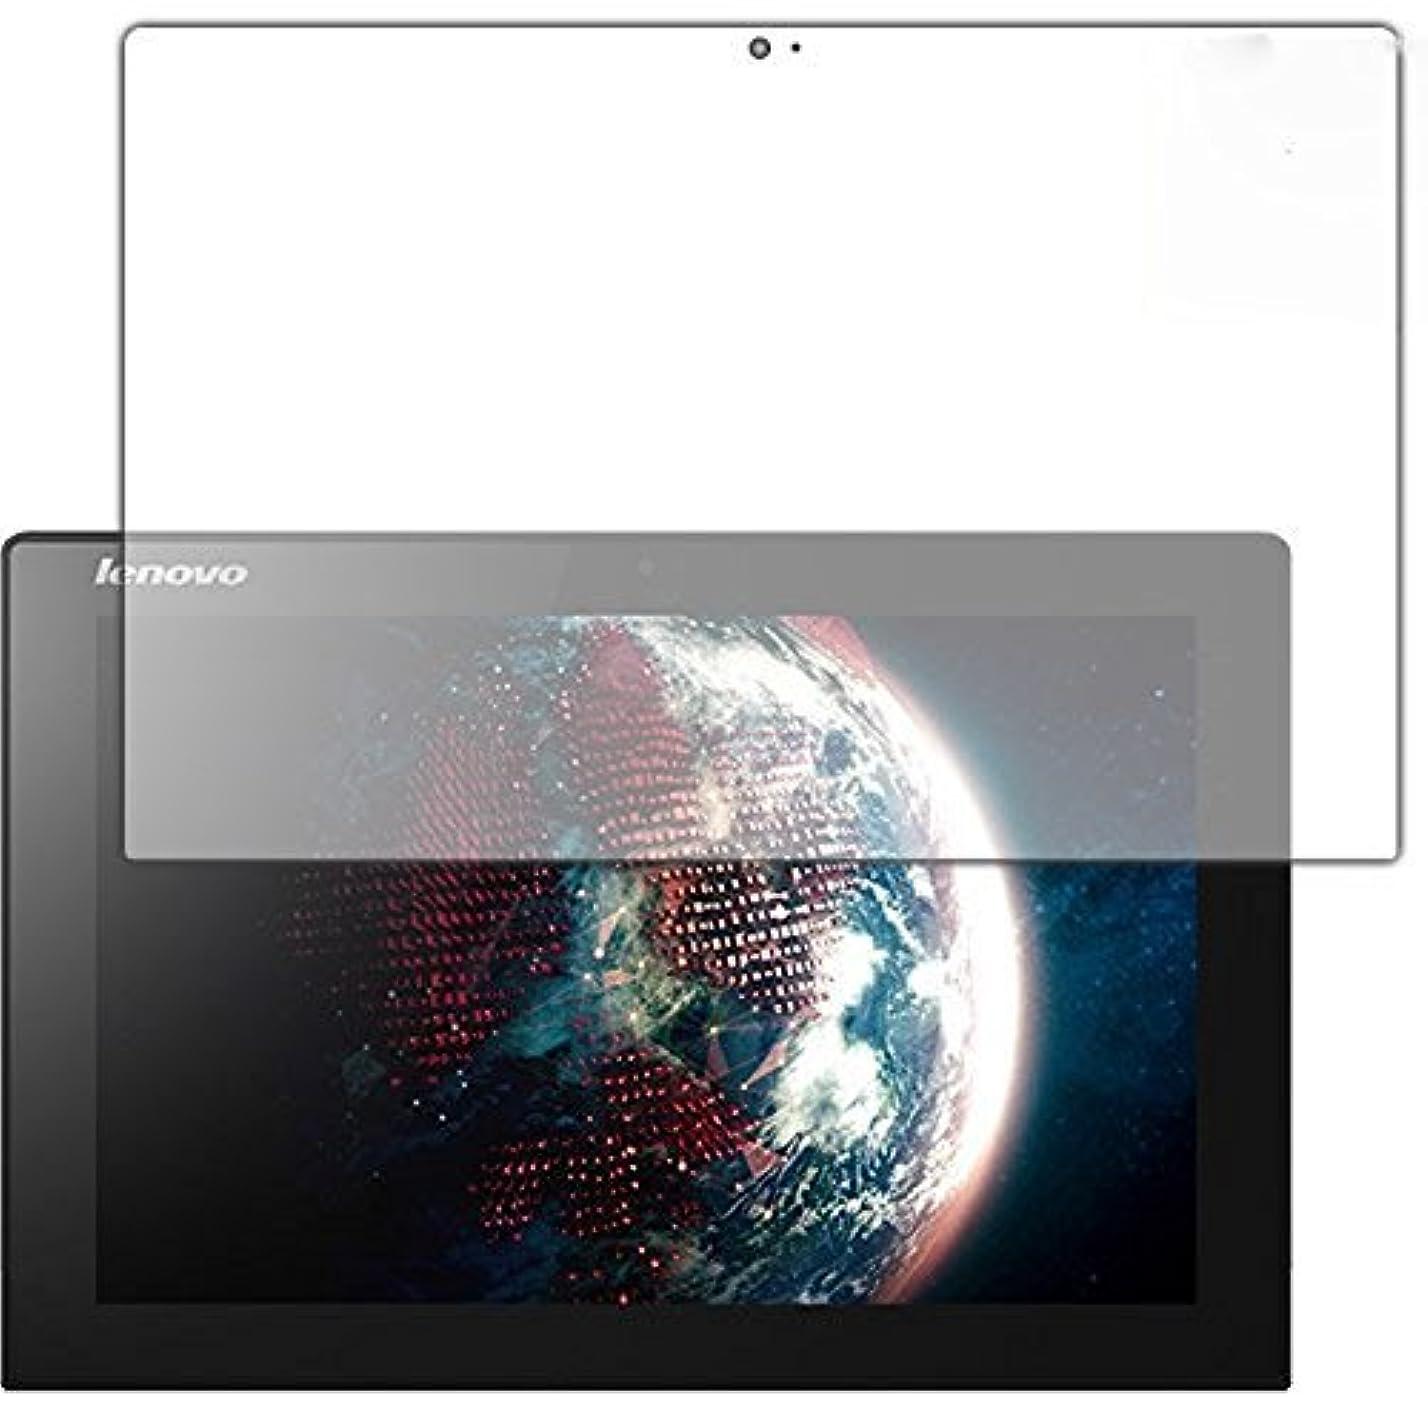 コンテンポラリー世界的にアクセスできない【LIHOULAI】Lenovo MIIX 3 80HV0055JP 10.1インチ専用液晶保護強化ガラスフィルム 硬度9H [並行輸入品]